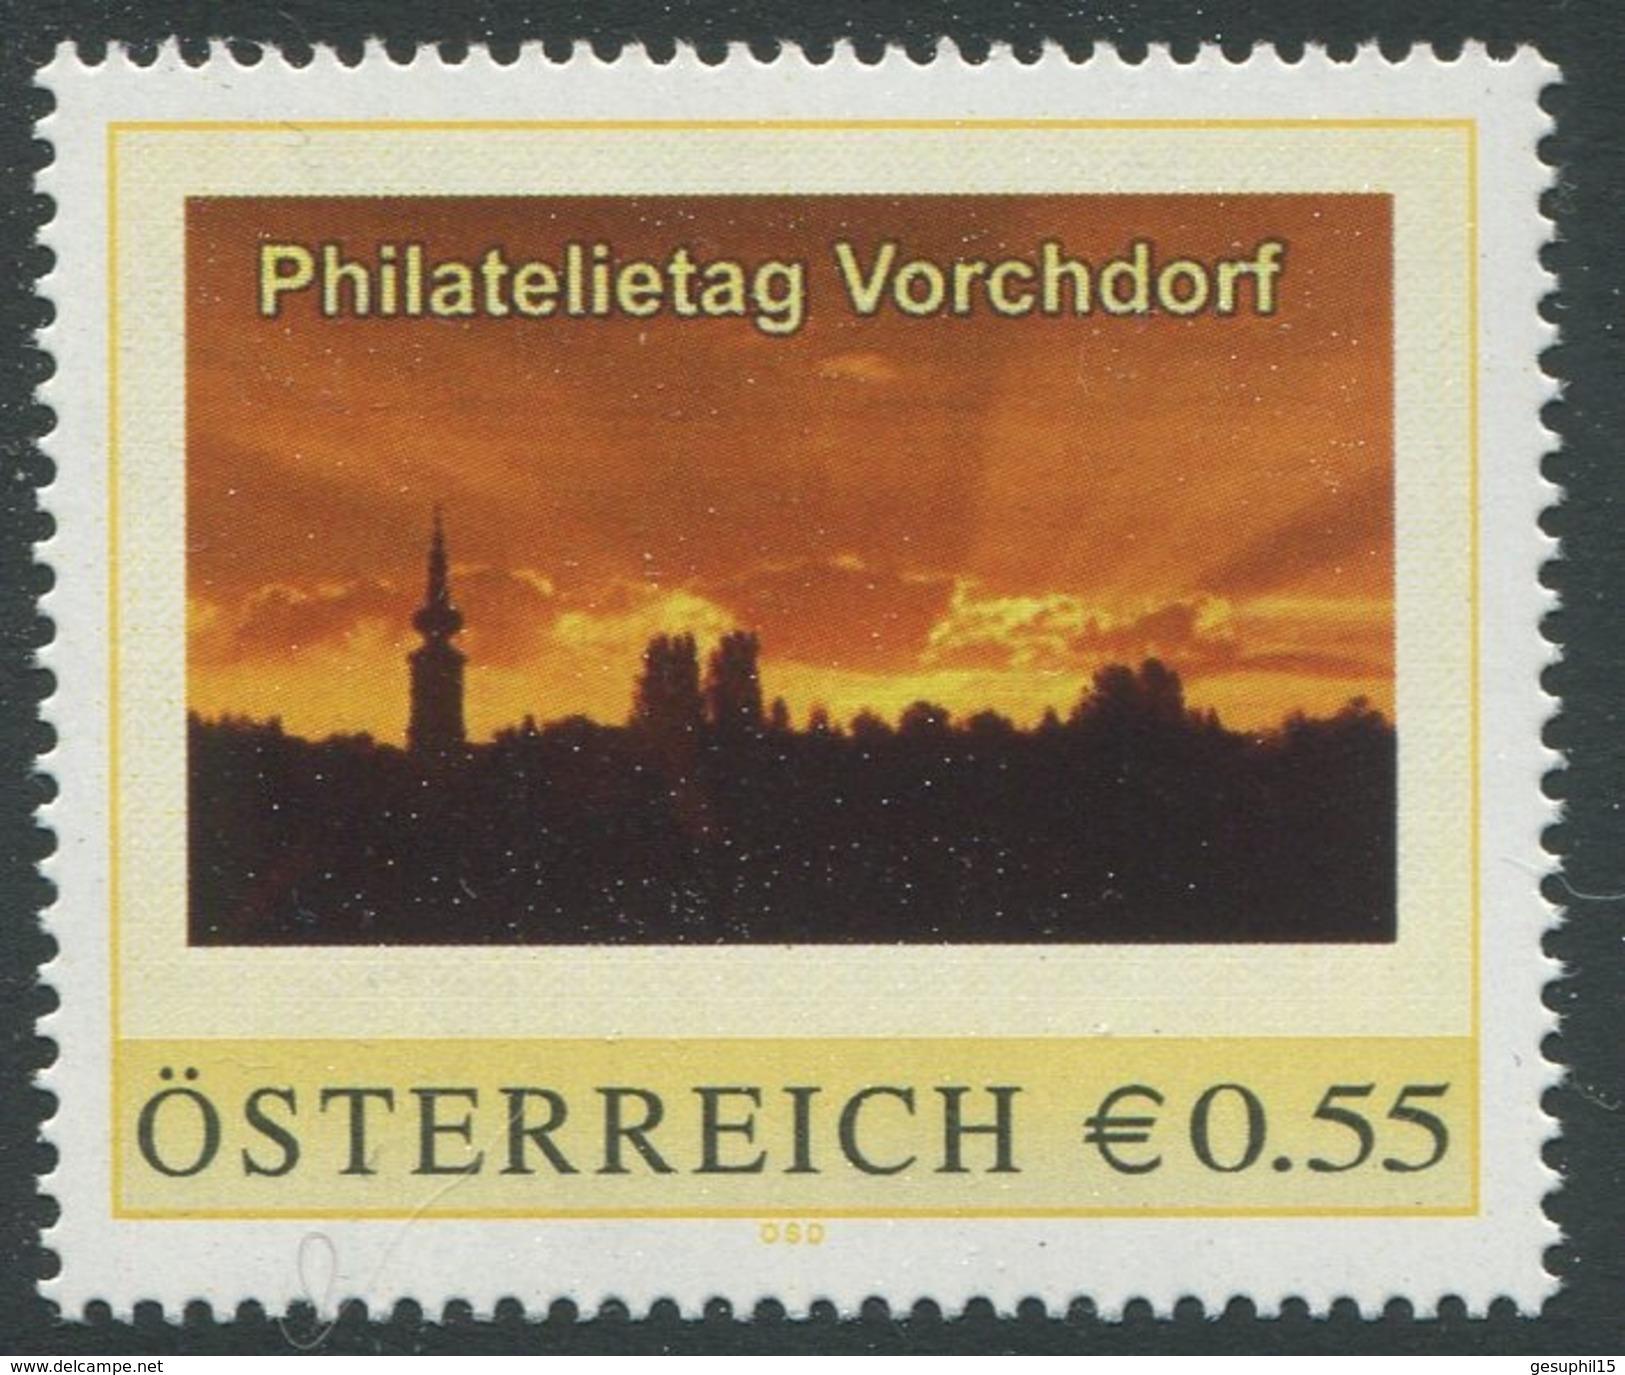 ÖSTERREICH / Philatelietag Vorchdorf / Postfrisch / ** / MNH - Österreich